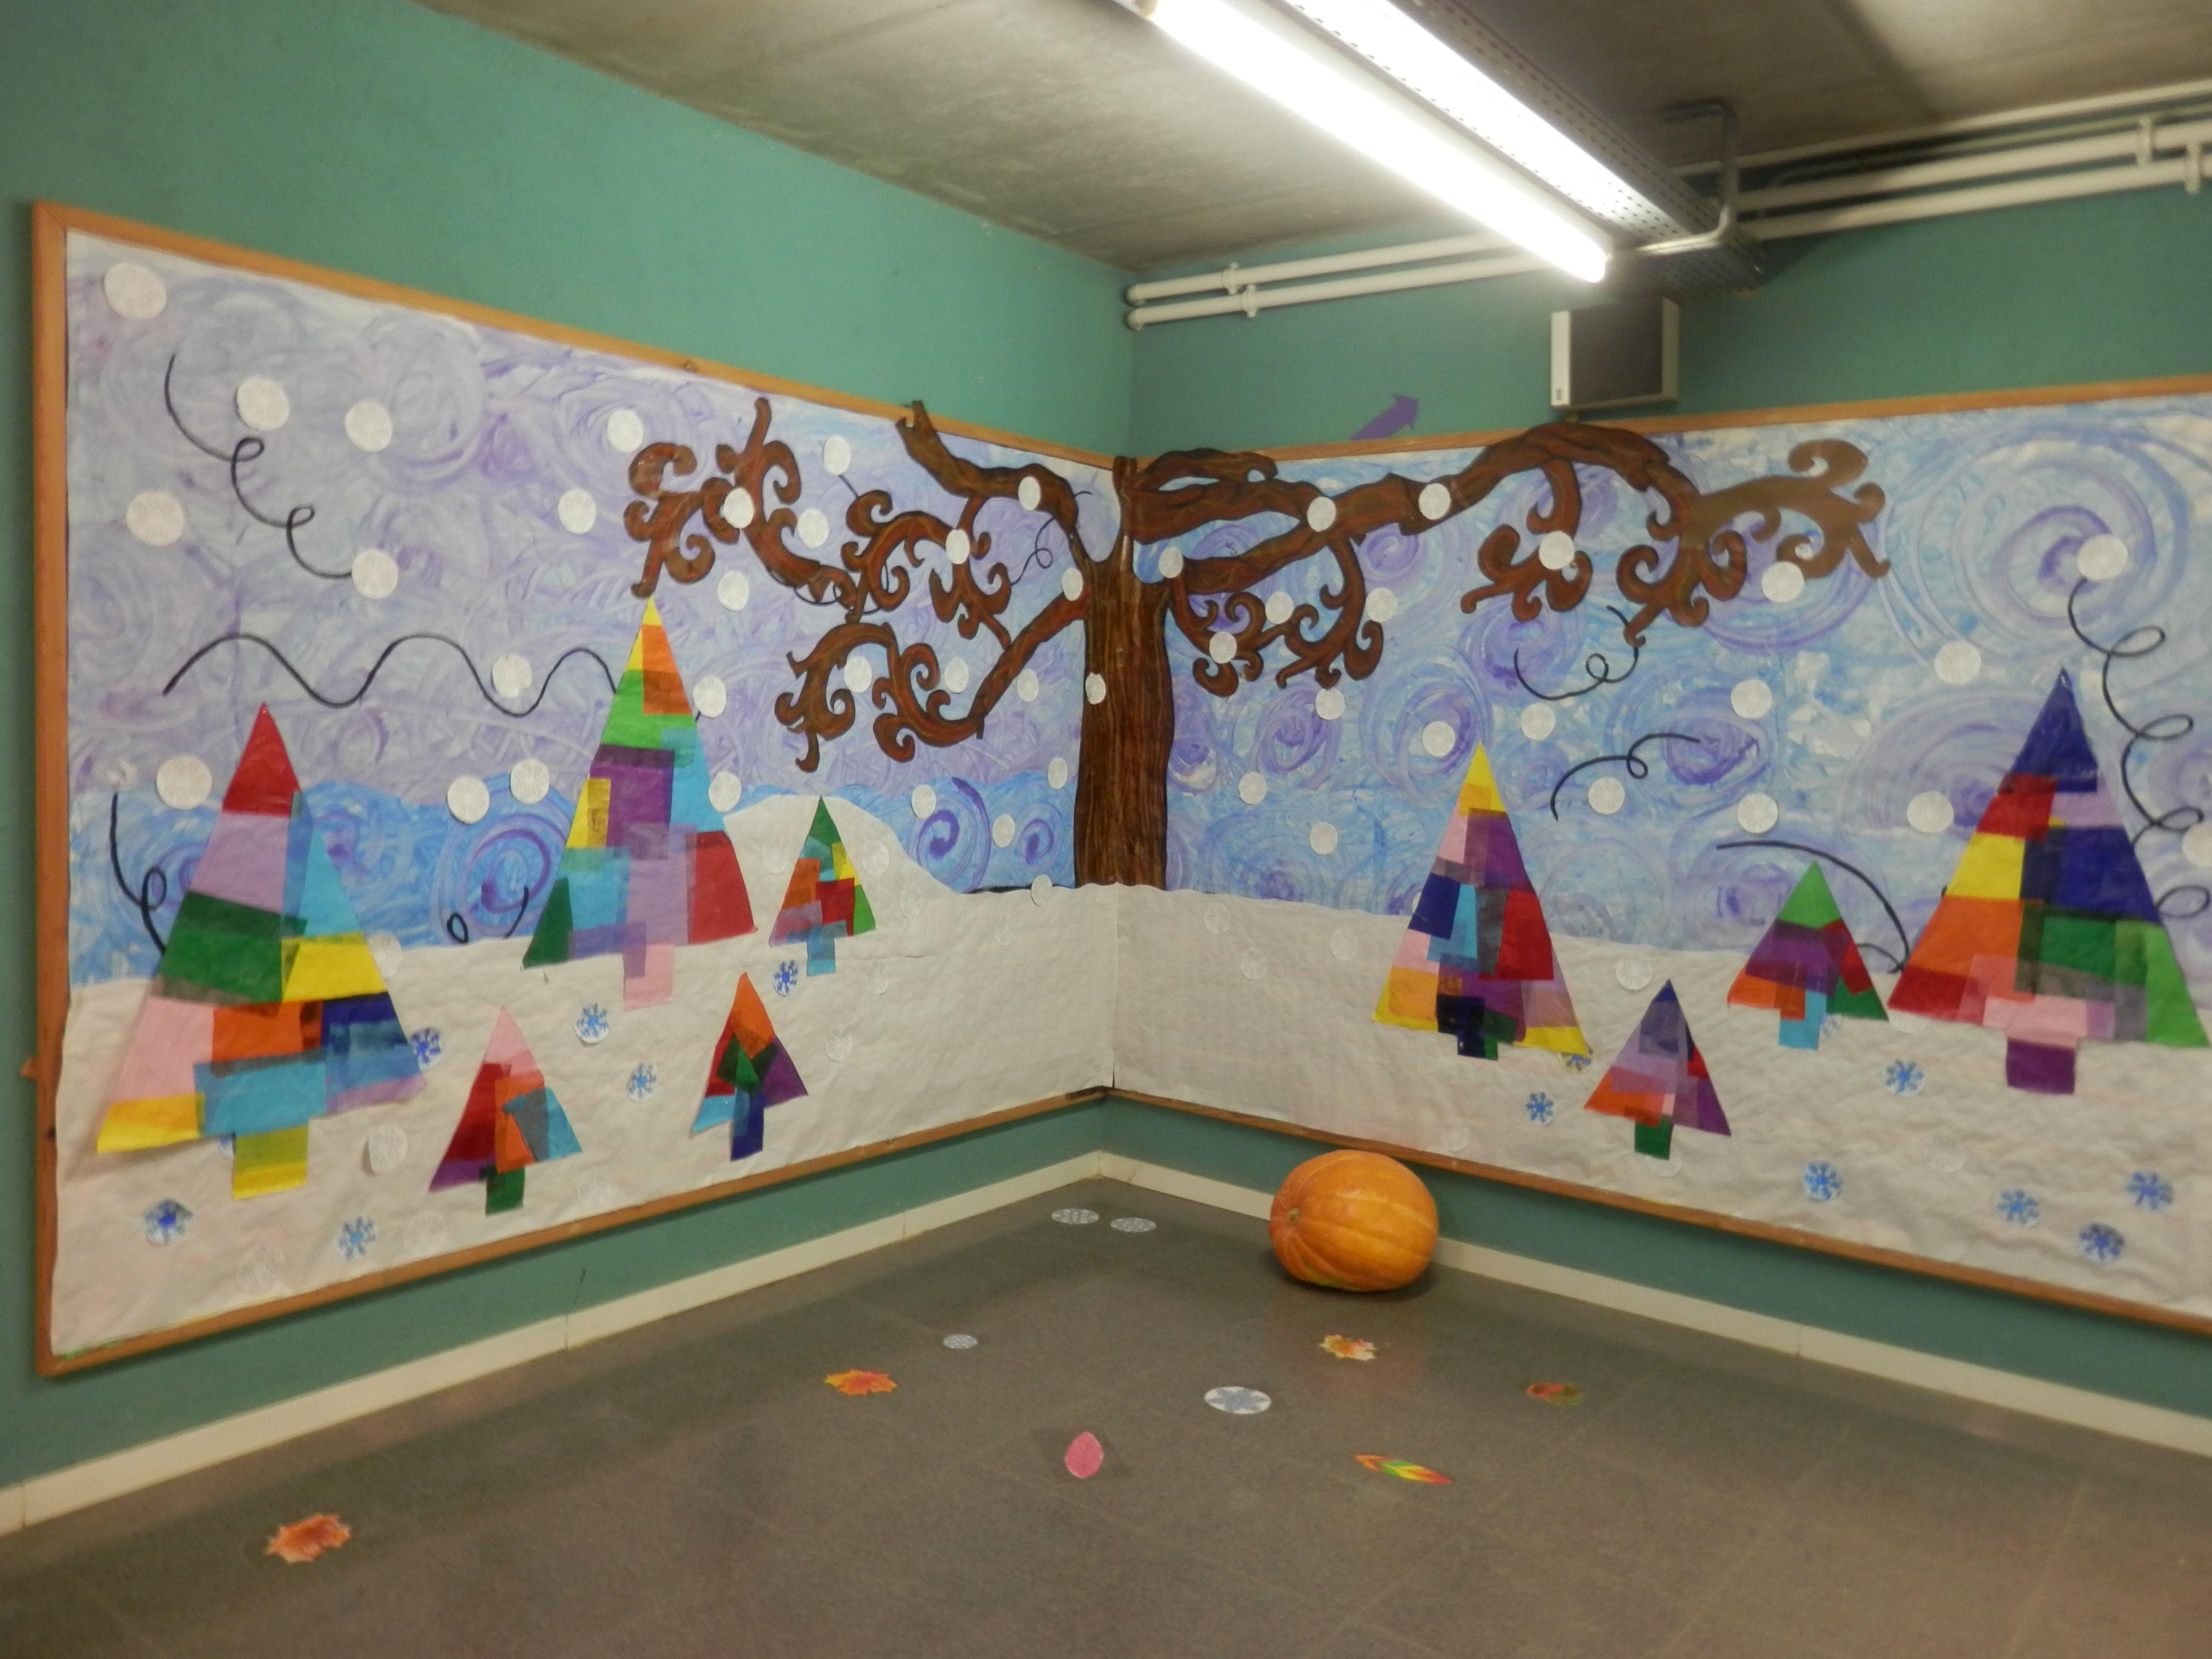 Mural hivern mural hivern pinterest invierno - Mural navidad infantil ...